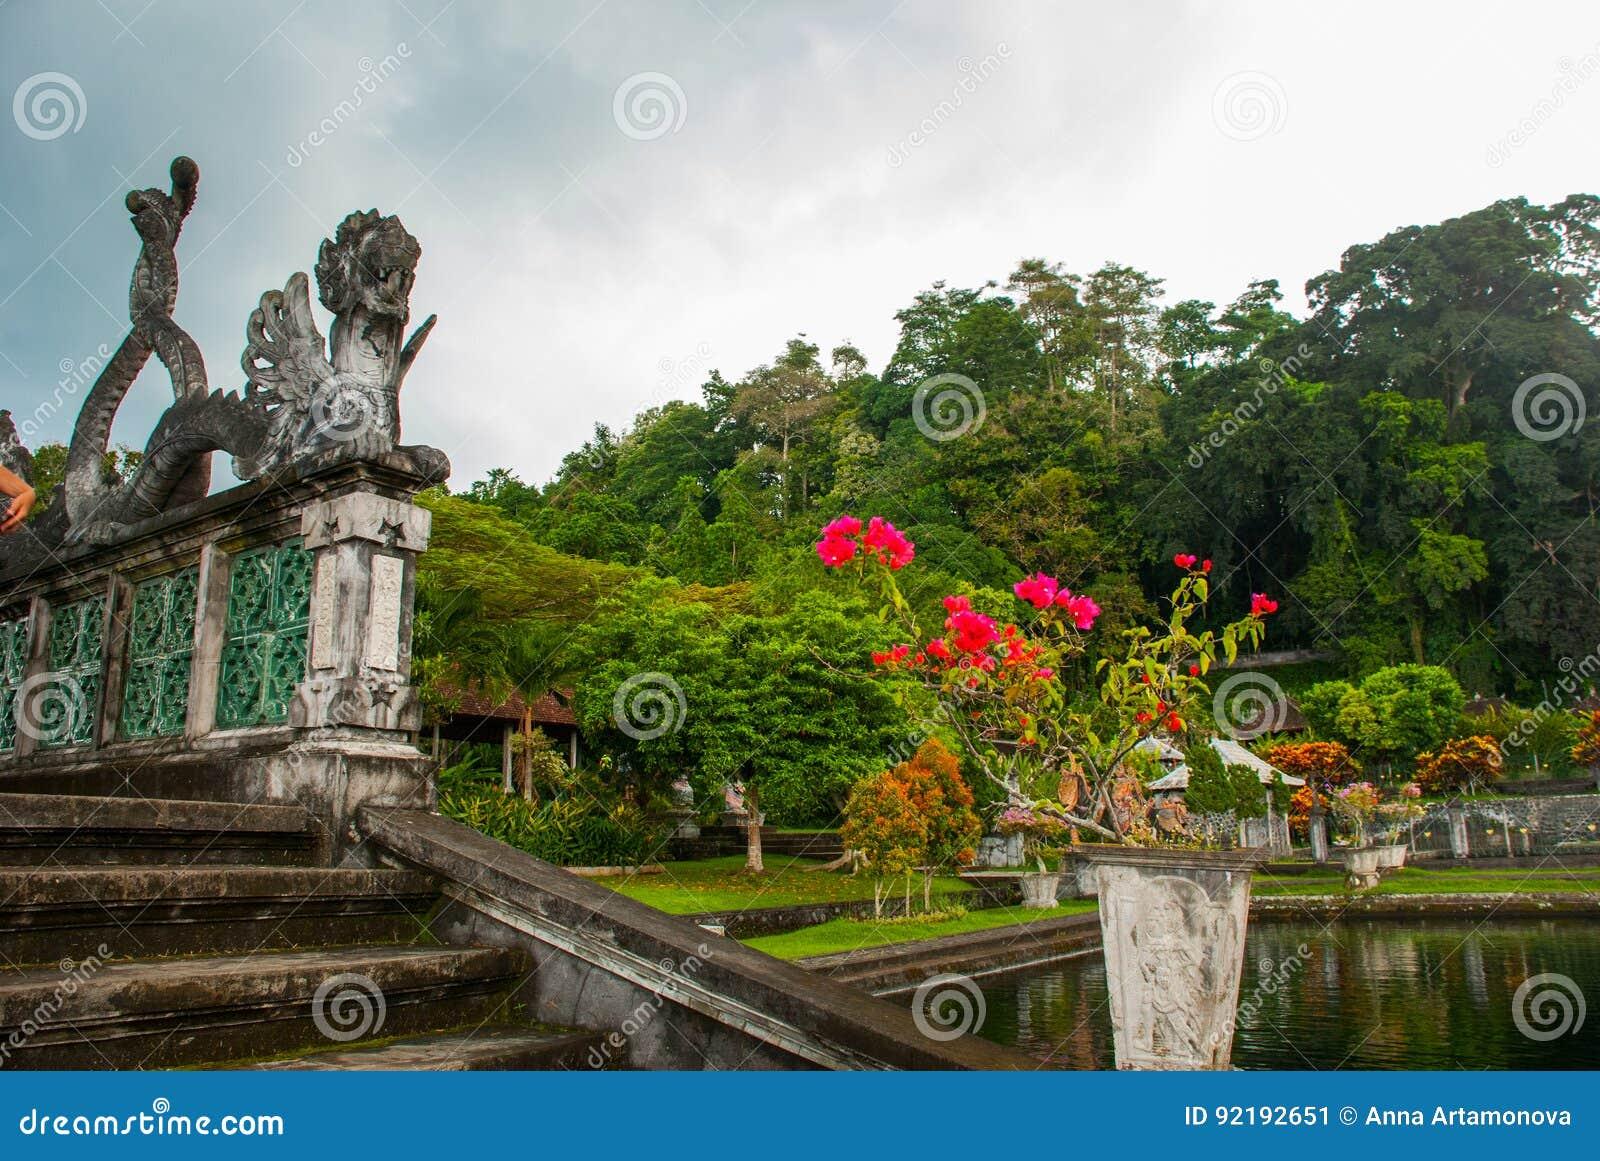 Sztuczny most z cztery statuami smoki z kręconymi ogonami, Tirta Gangga park, Karangasem, Bali, Indonezja